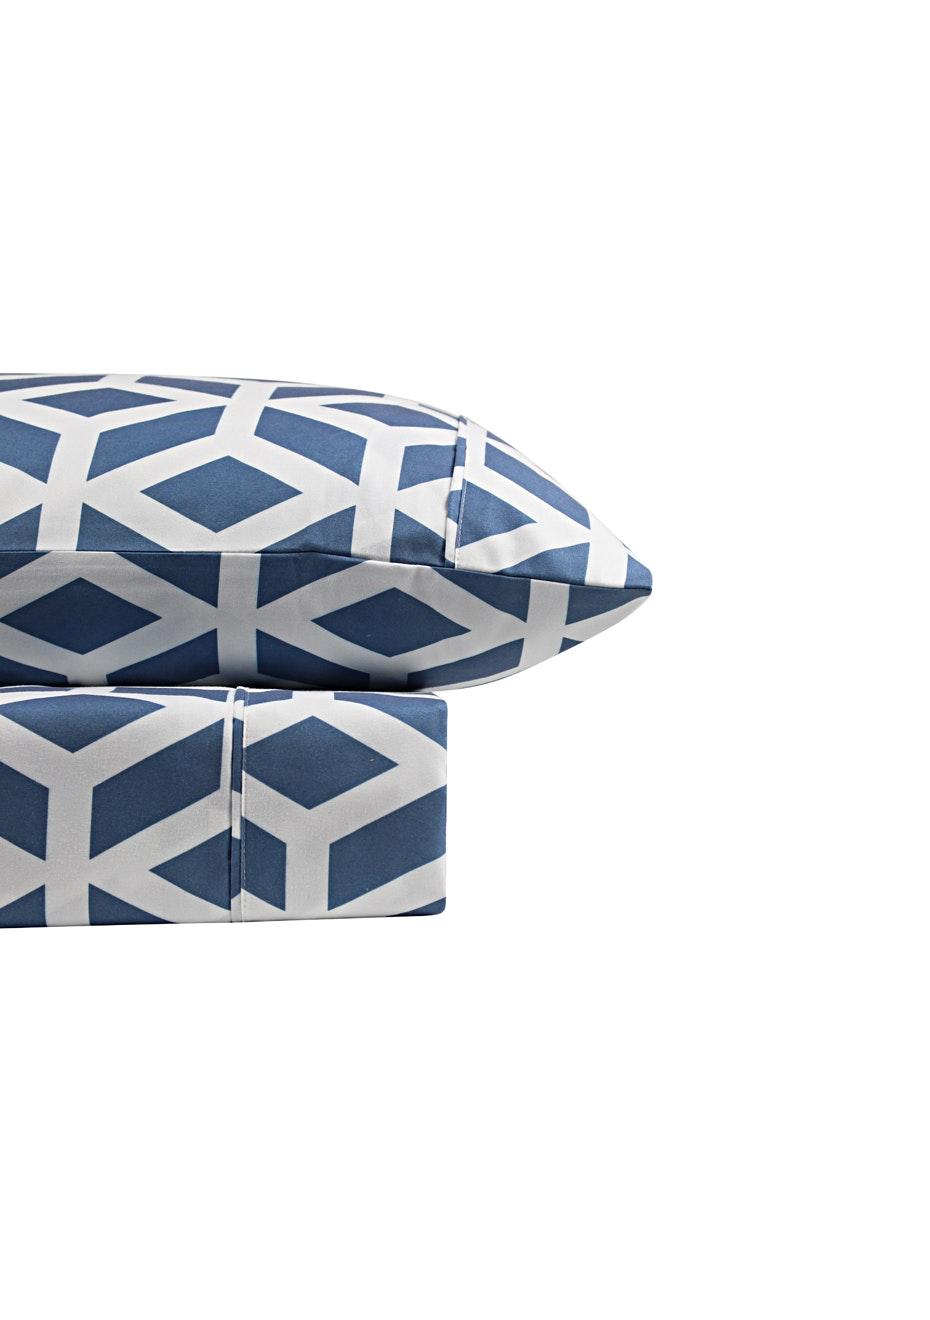 Thermal Flannel Sheet Sets - Manhattan Design - Bay Blue - King Single Bed